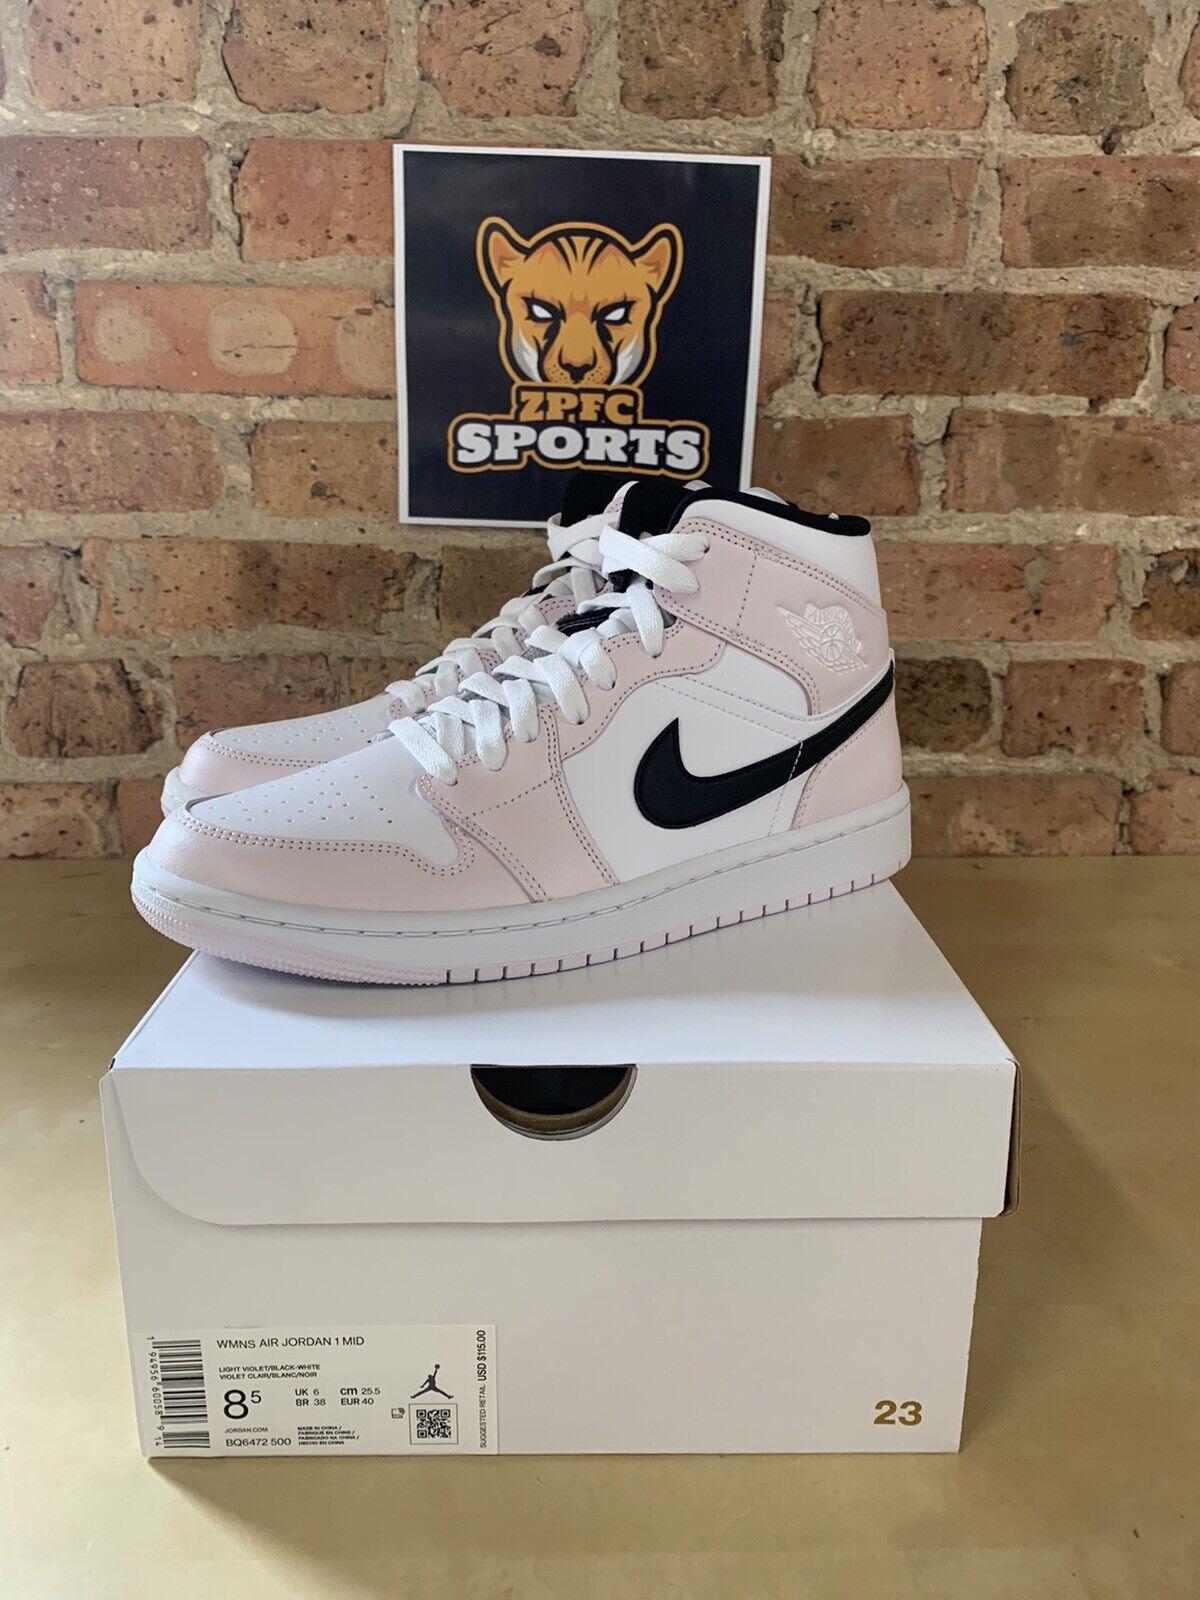 Size 9.5 - Jordan 1 Mid Barely Rose for sale online | eBay